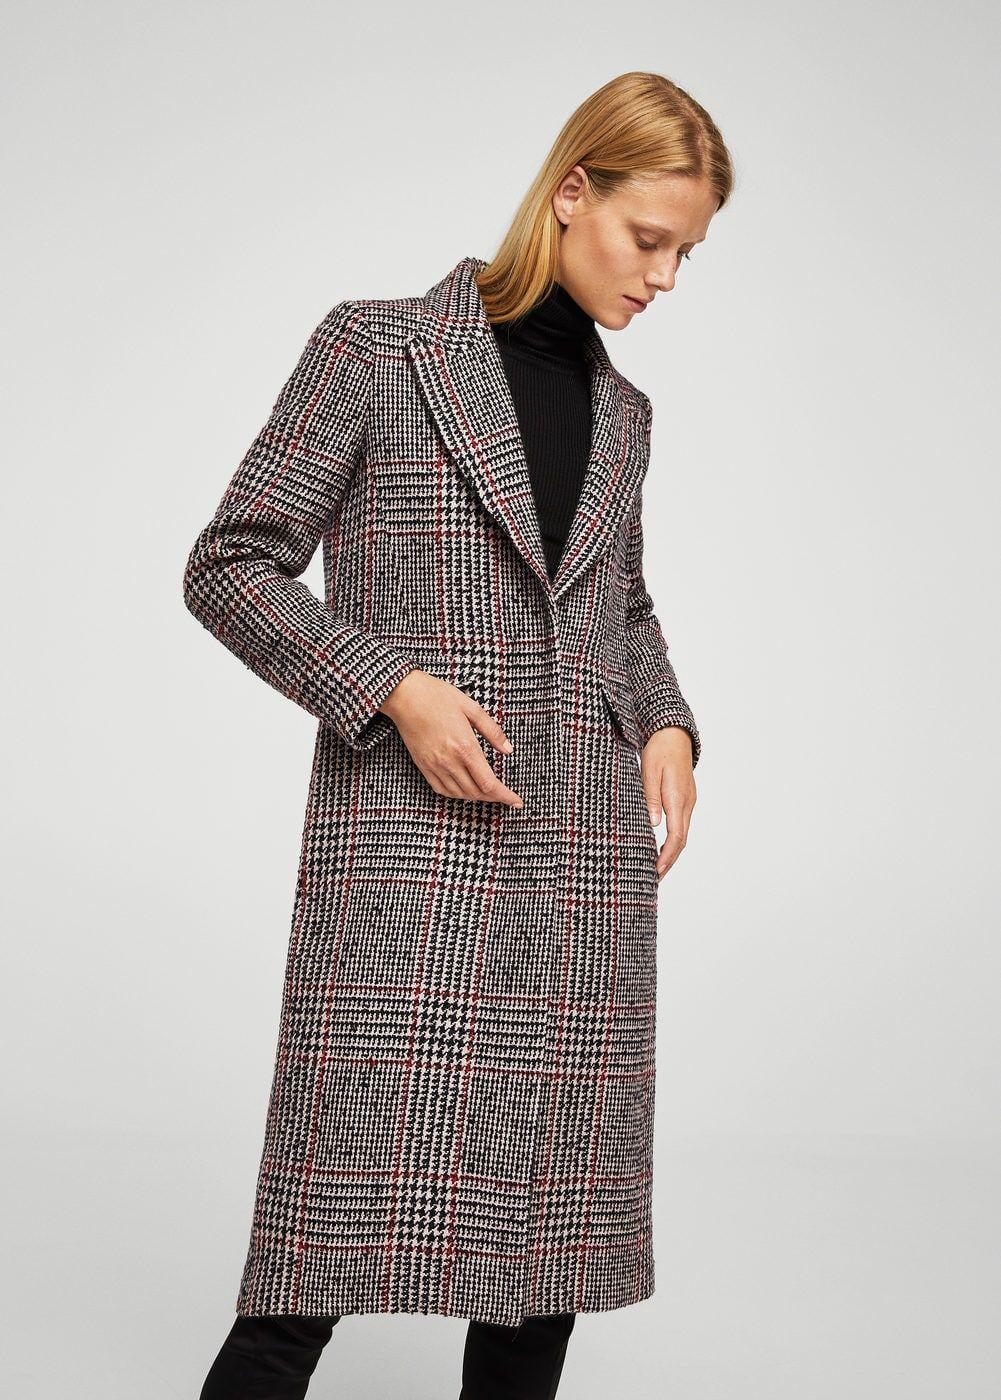 Abrigo lana cuadros - Mujer en 2019  0d32a133eca6